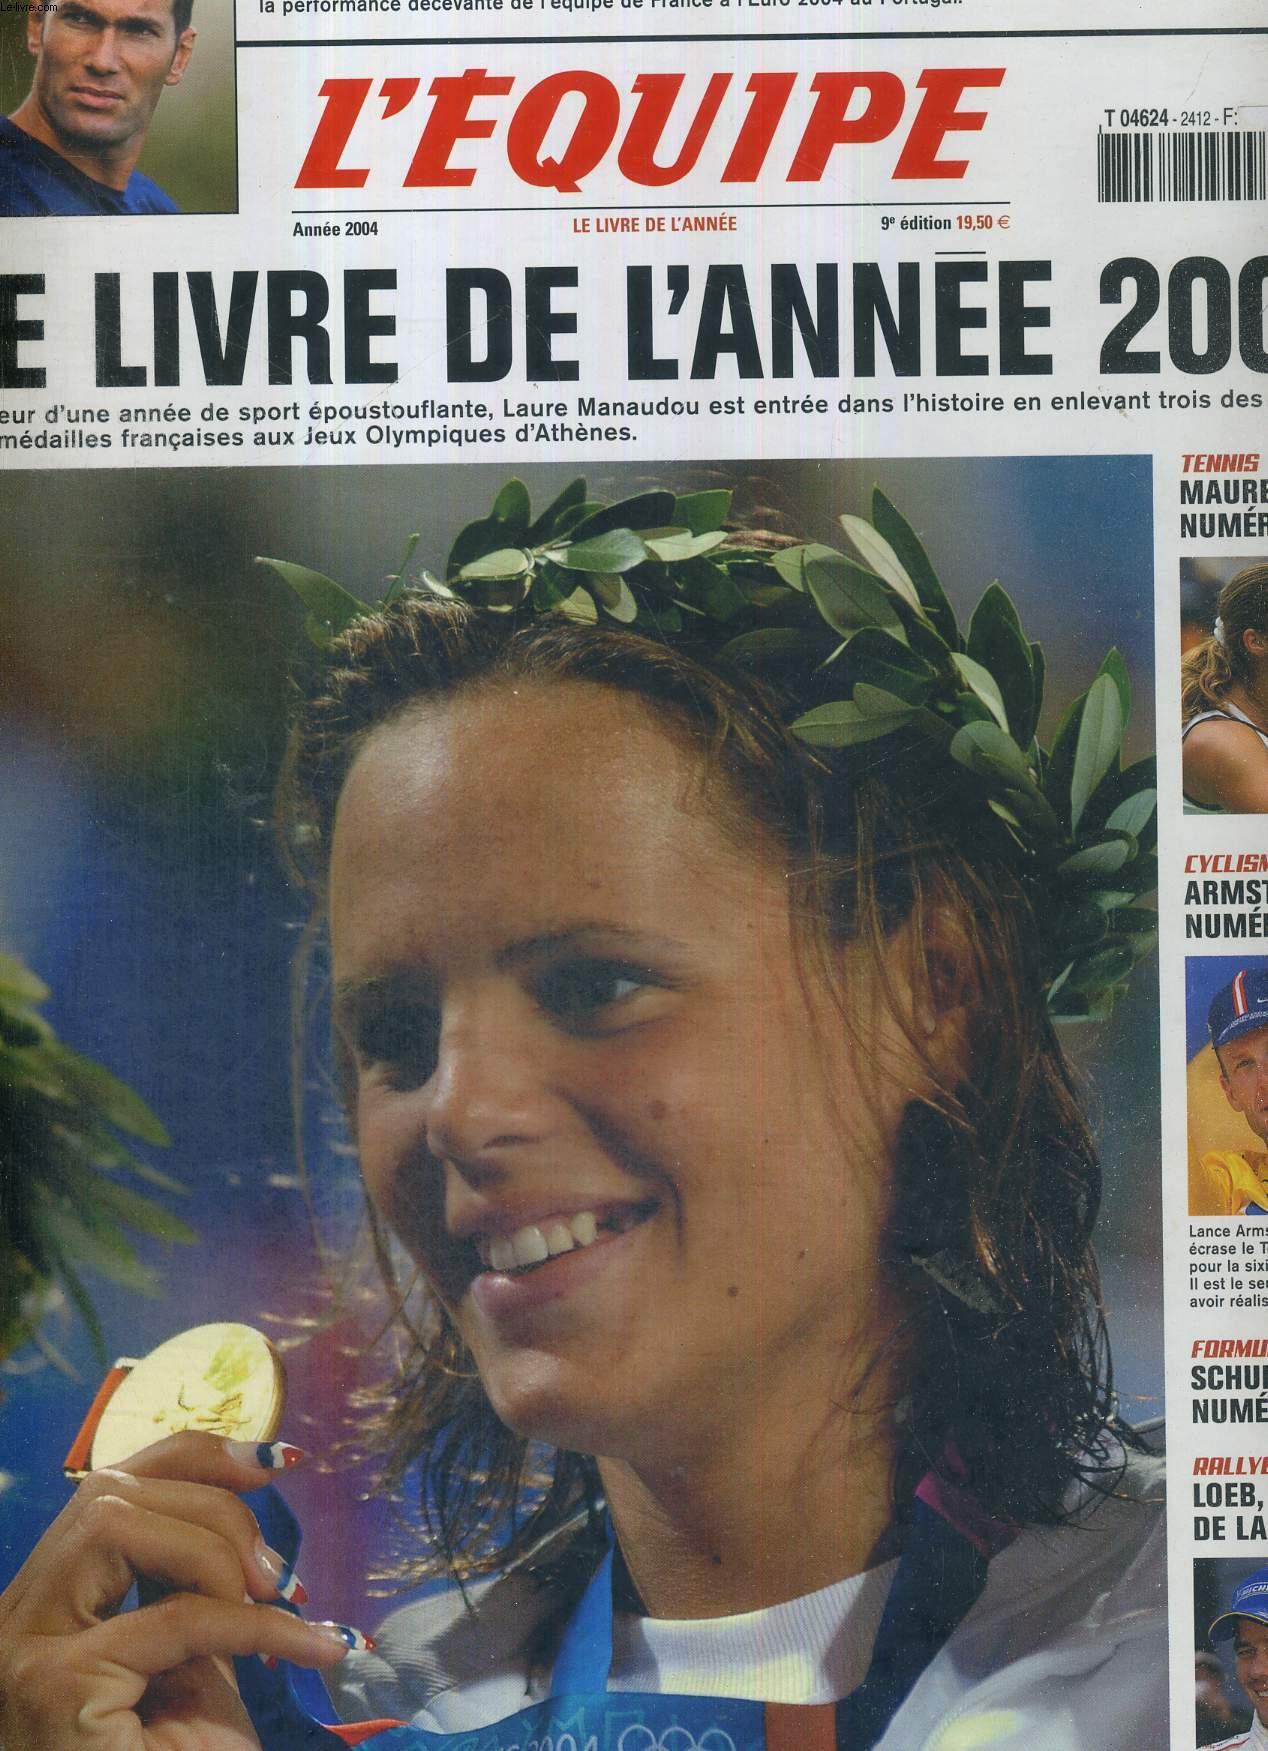 L'EQUIPE - LE LIVRE DE L'ANNEE 2004